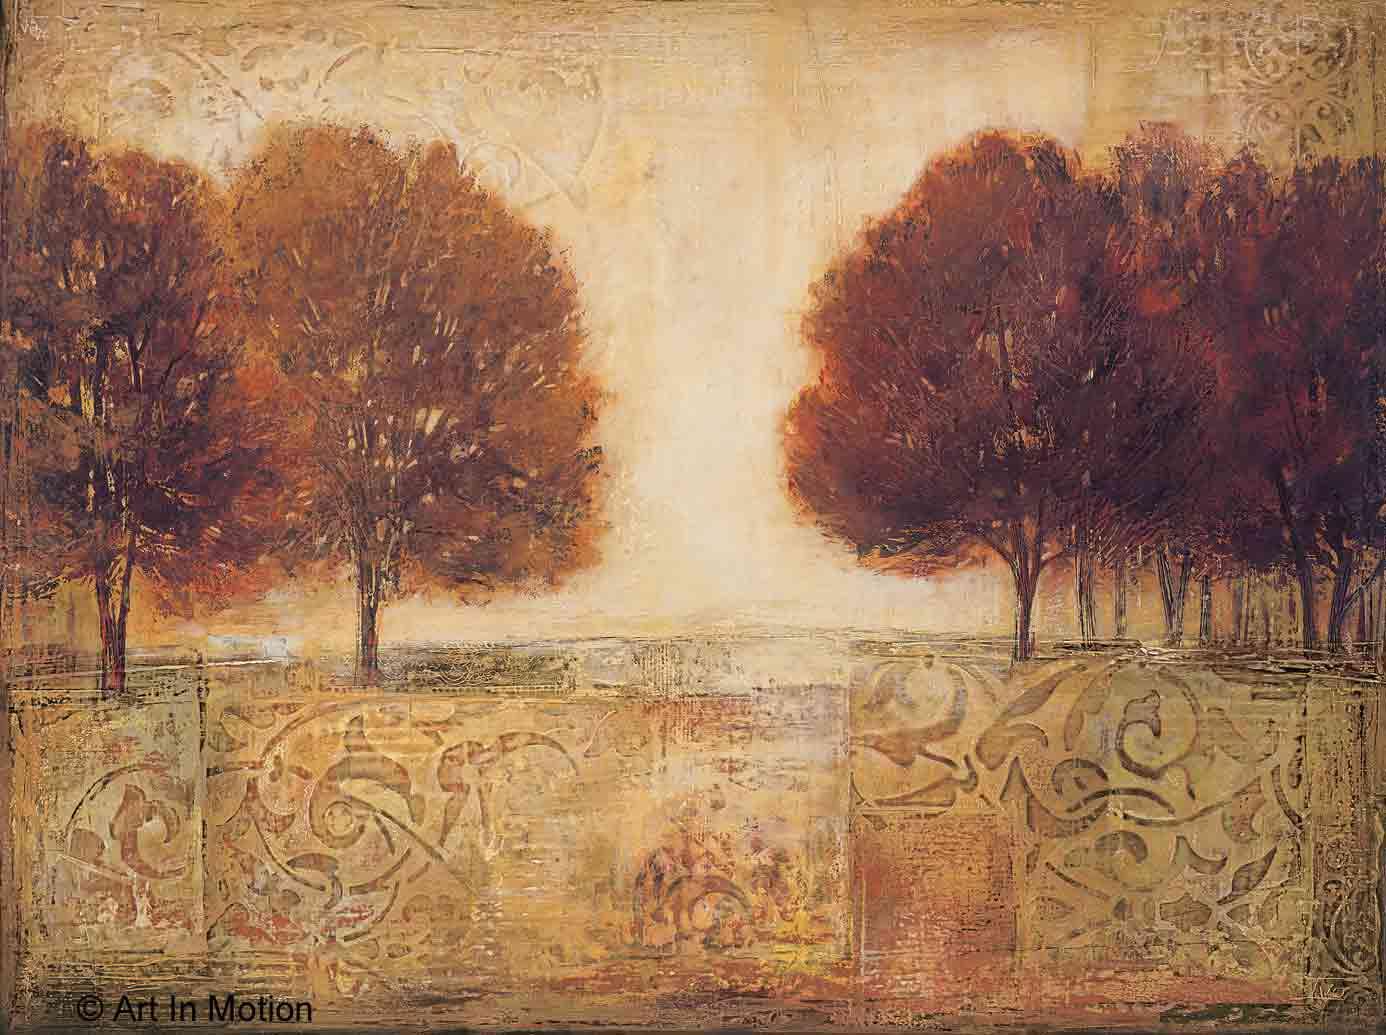 שדה עצים 2עץ זוגות נוף ציורי פסטורלי דקורציה